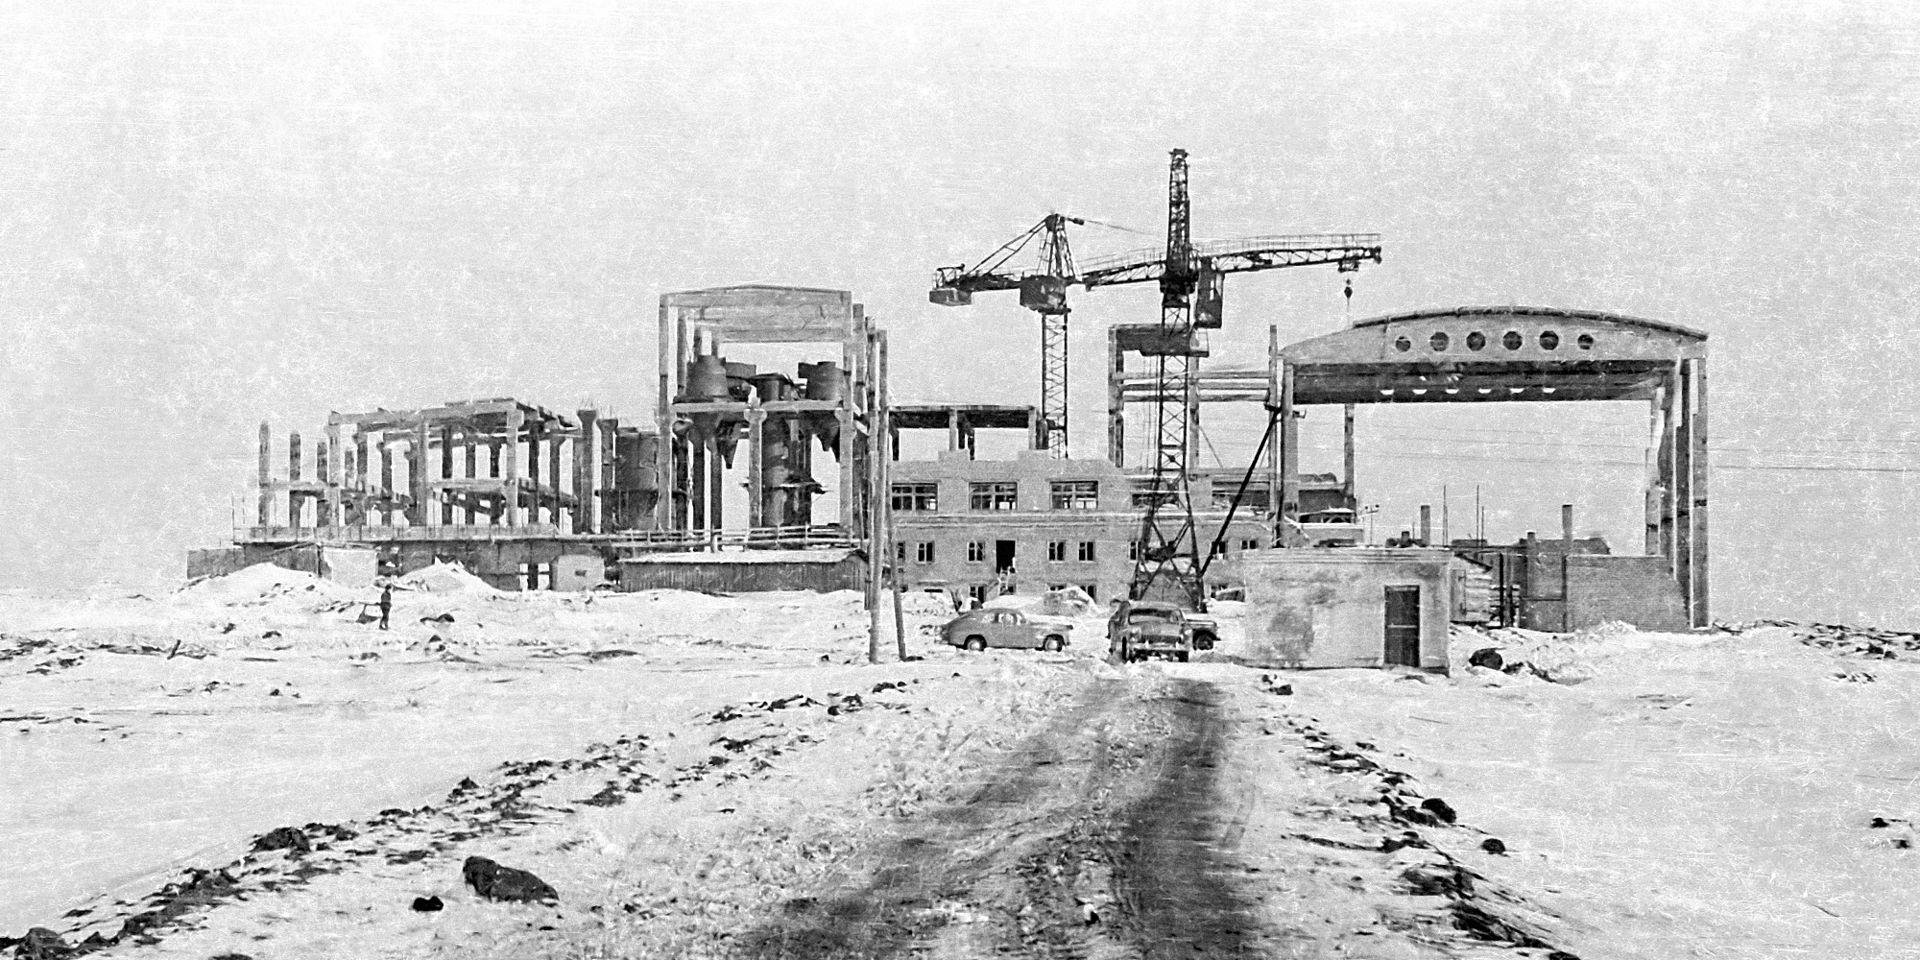 История промышленности России в фотографиях: Берендеевский торфобрикетный завод